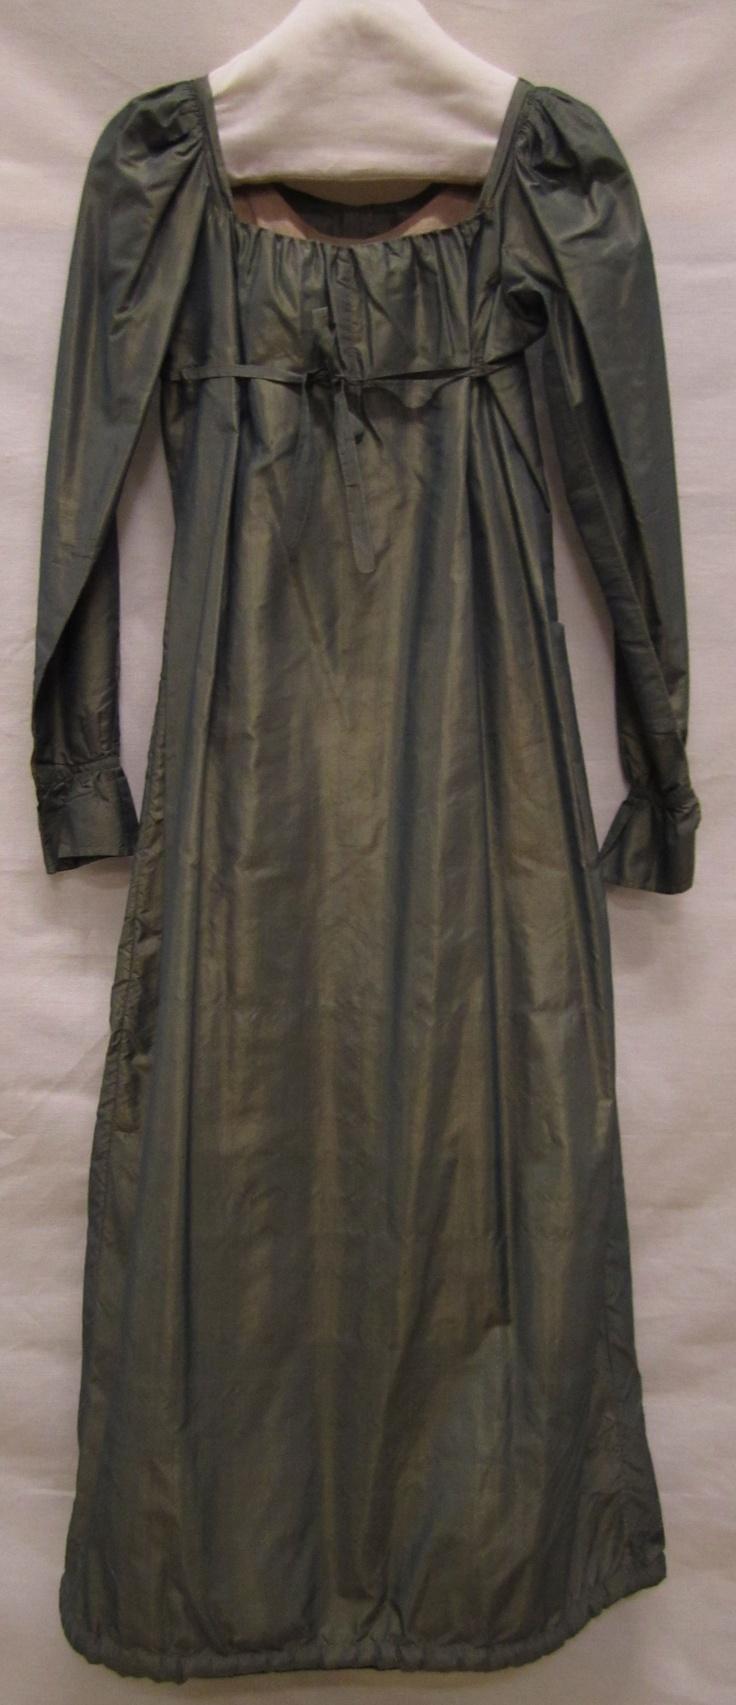 Japon | Gown, ca. 1810, tafzijde | taffeta, Gemeentemuseum Den Haag #modemuze #janeausten #gemeentemuseum